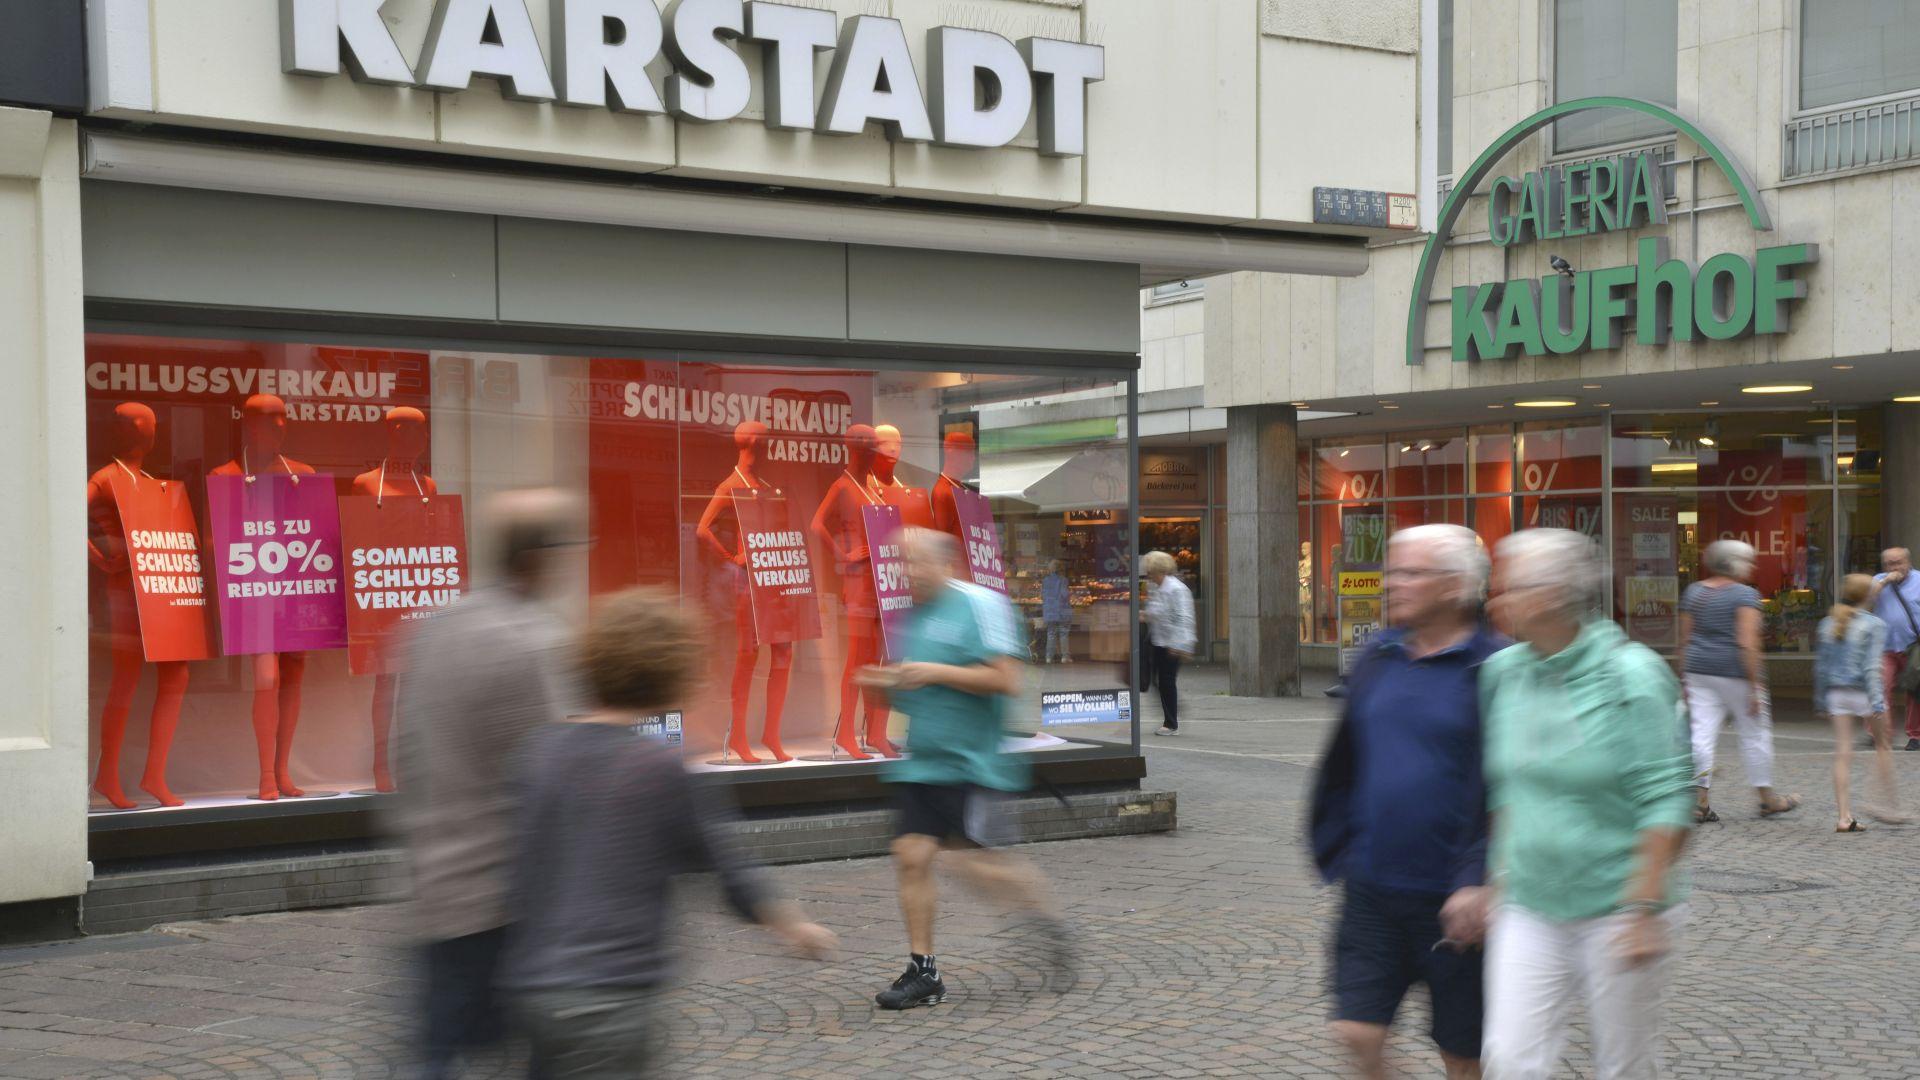 Топ вериги се сляха в Германия